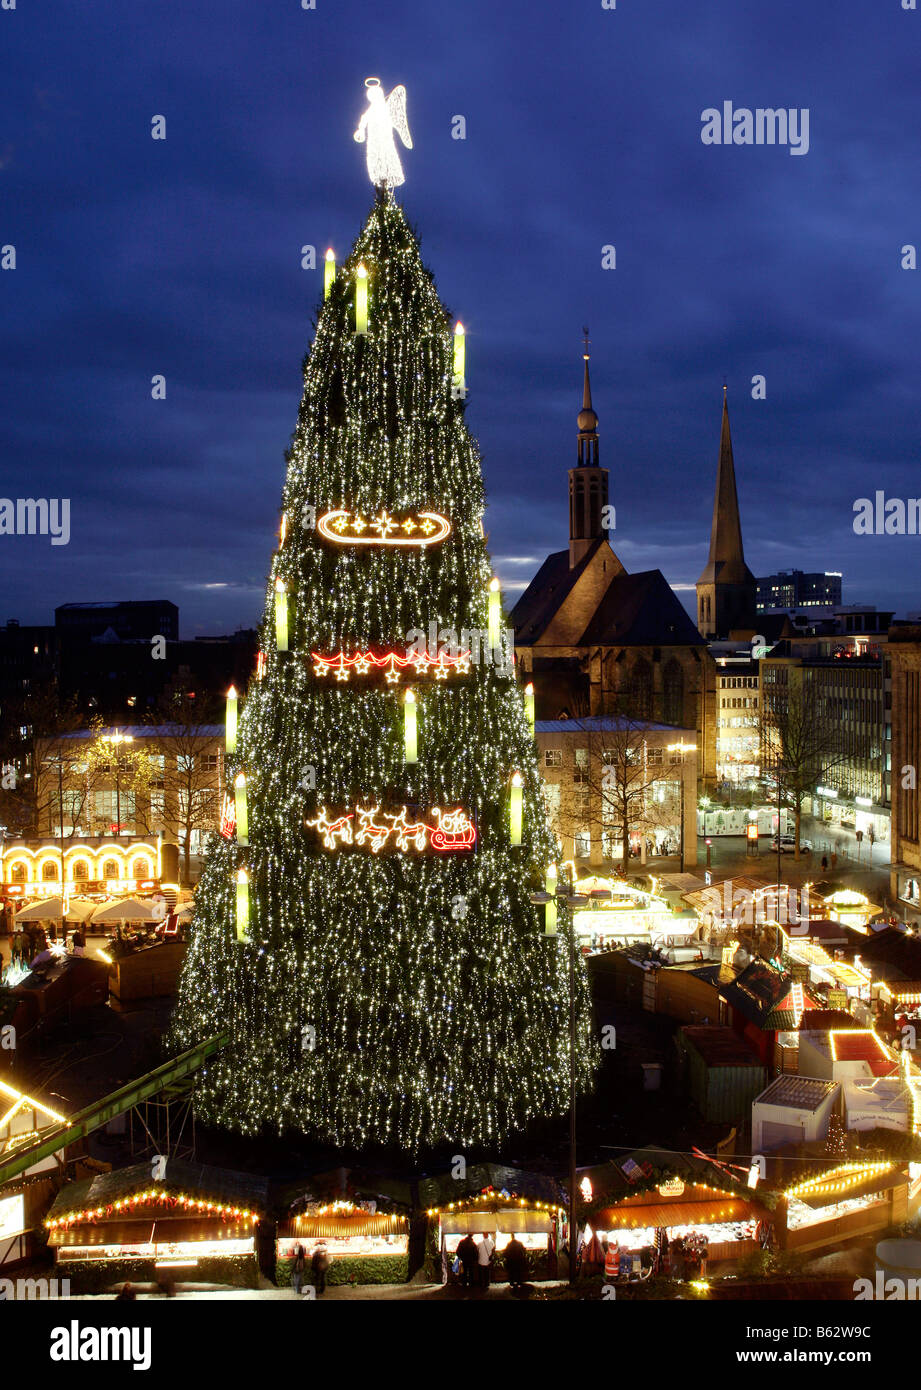 dortmundgermany the world largest christmas tree stock image - Biggest Christmas Tree In The World